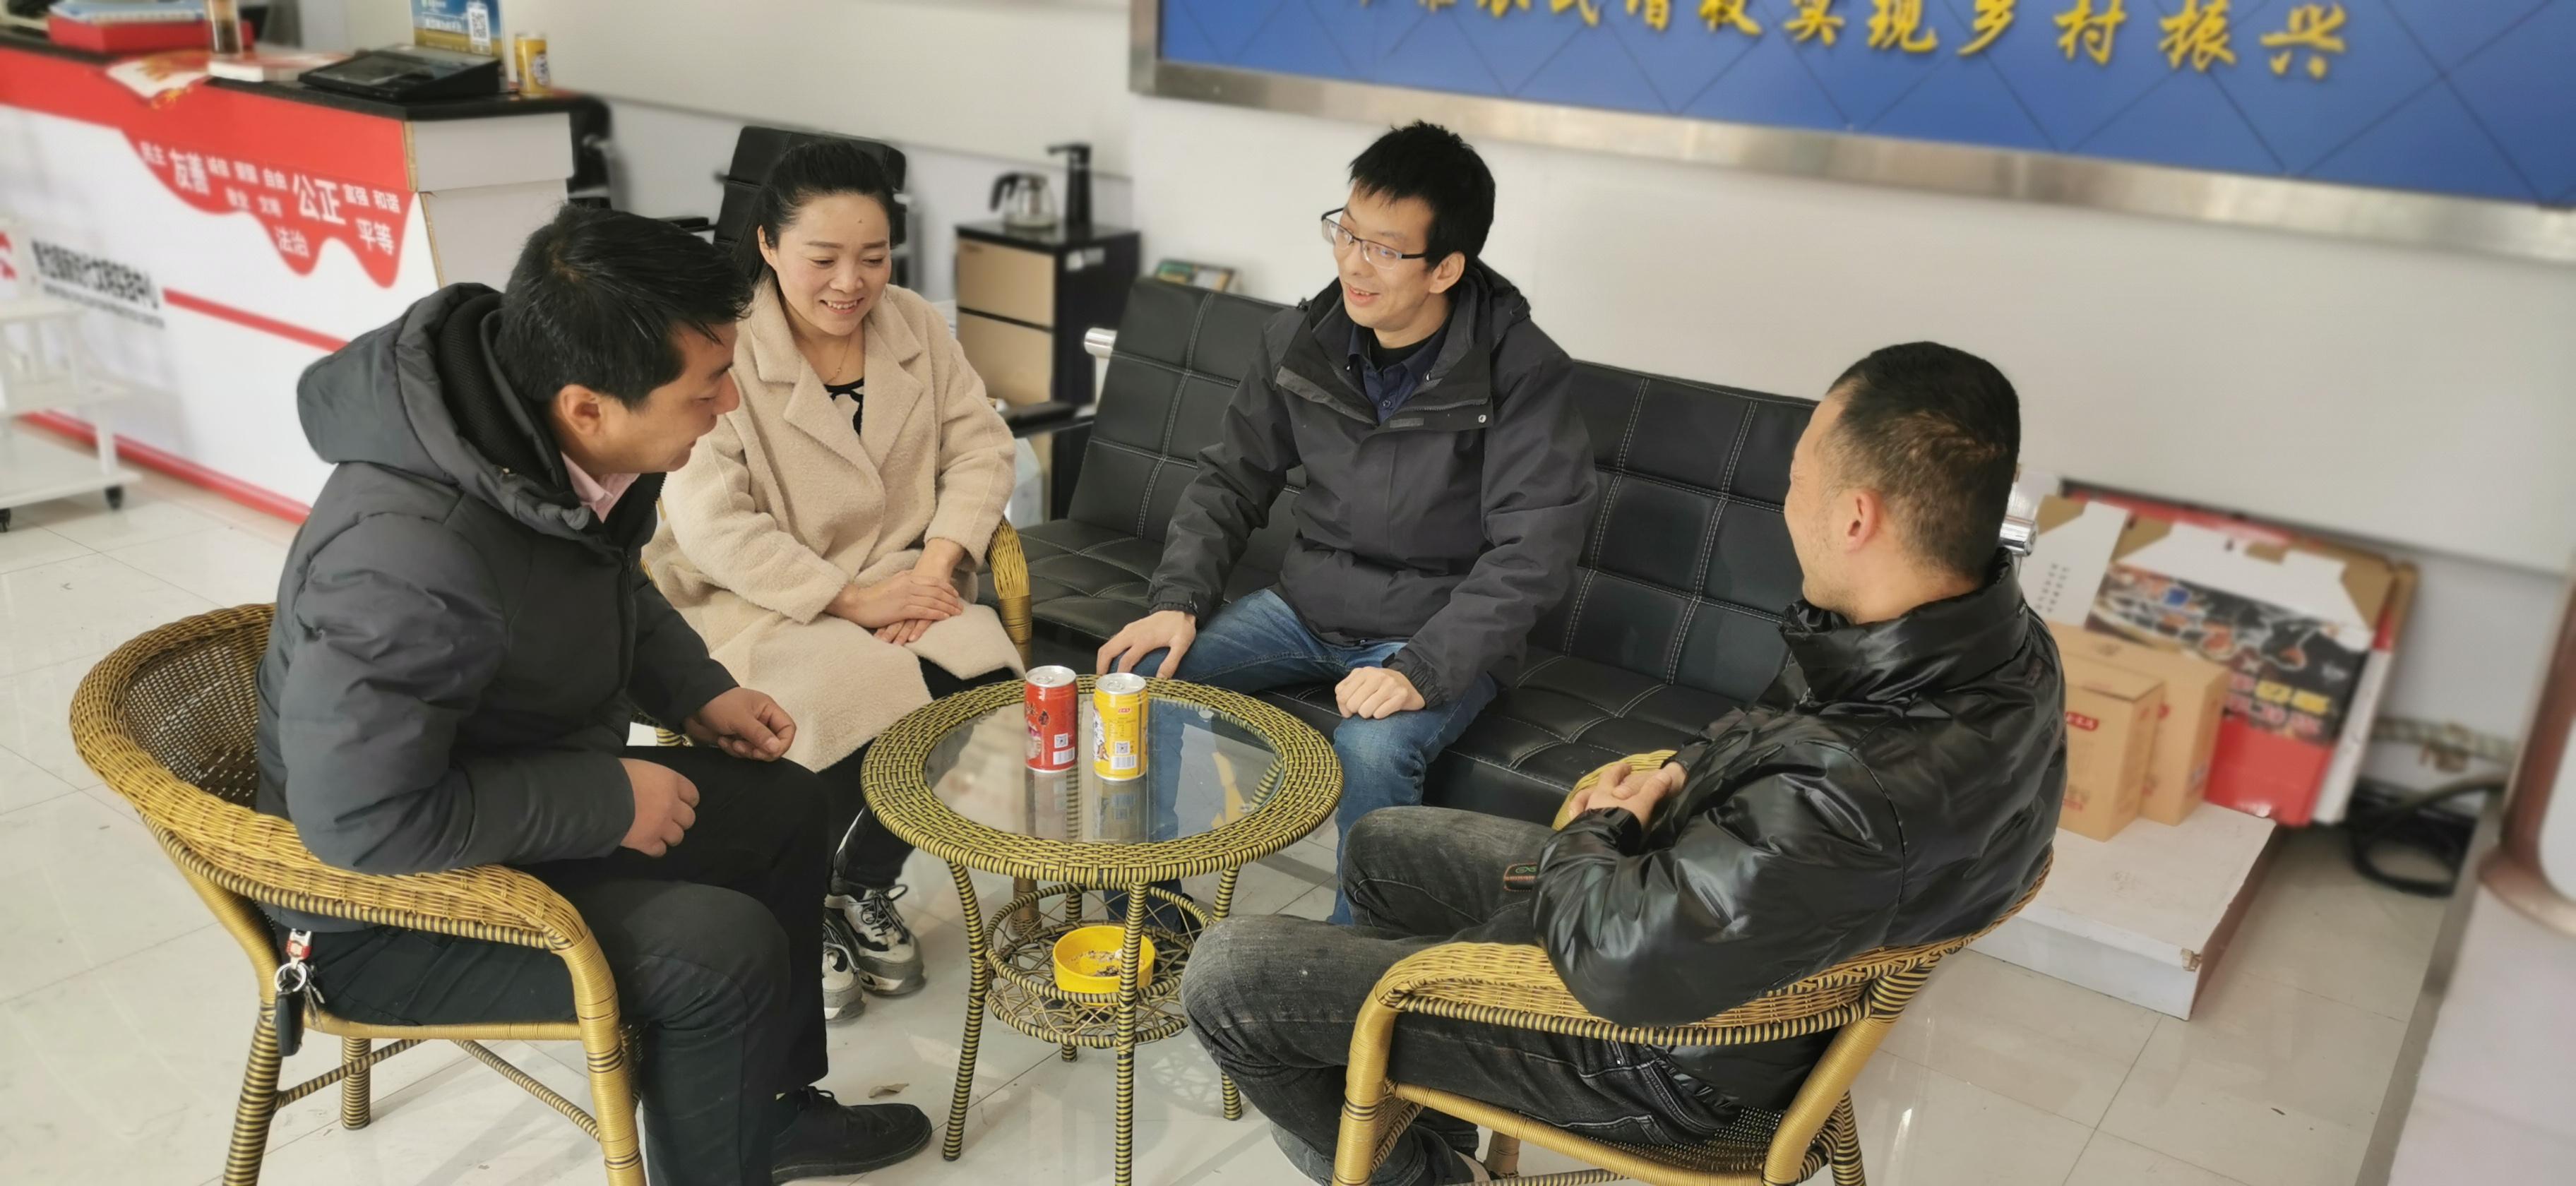 杨锐和志同道合的团队成员聊工作。